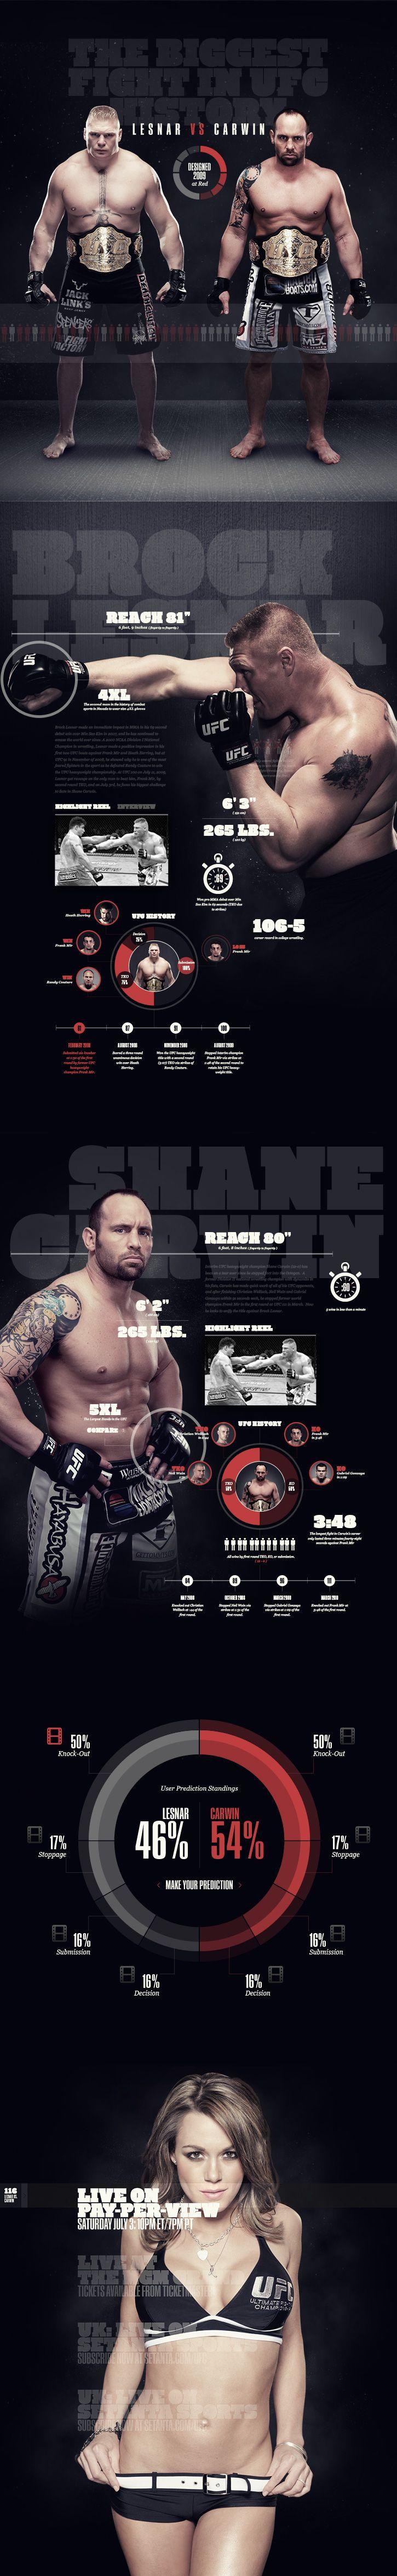 UFC 116 Microsite